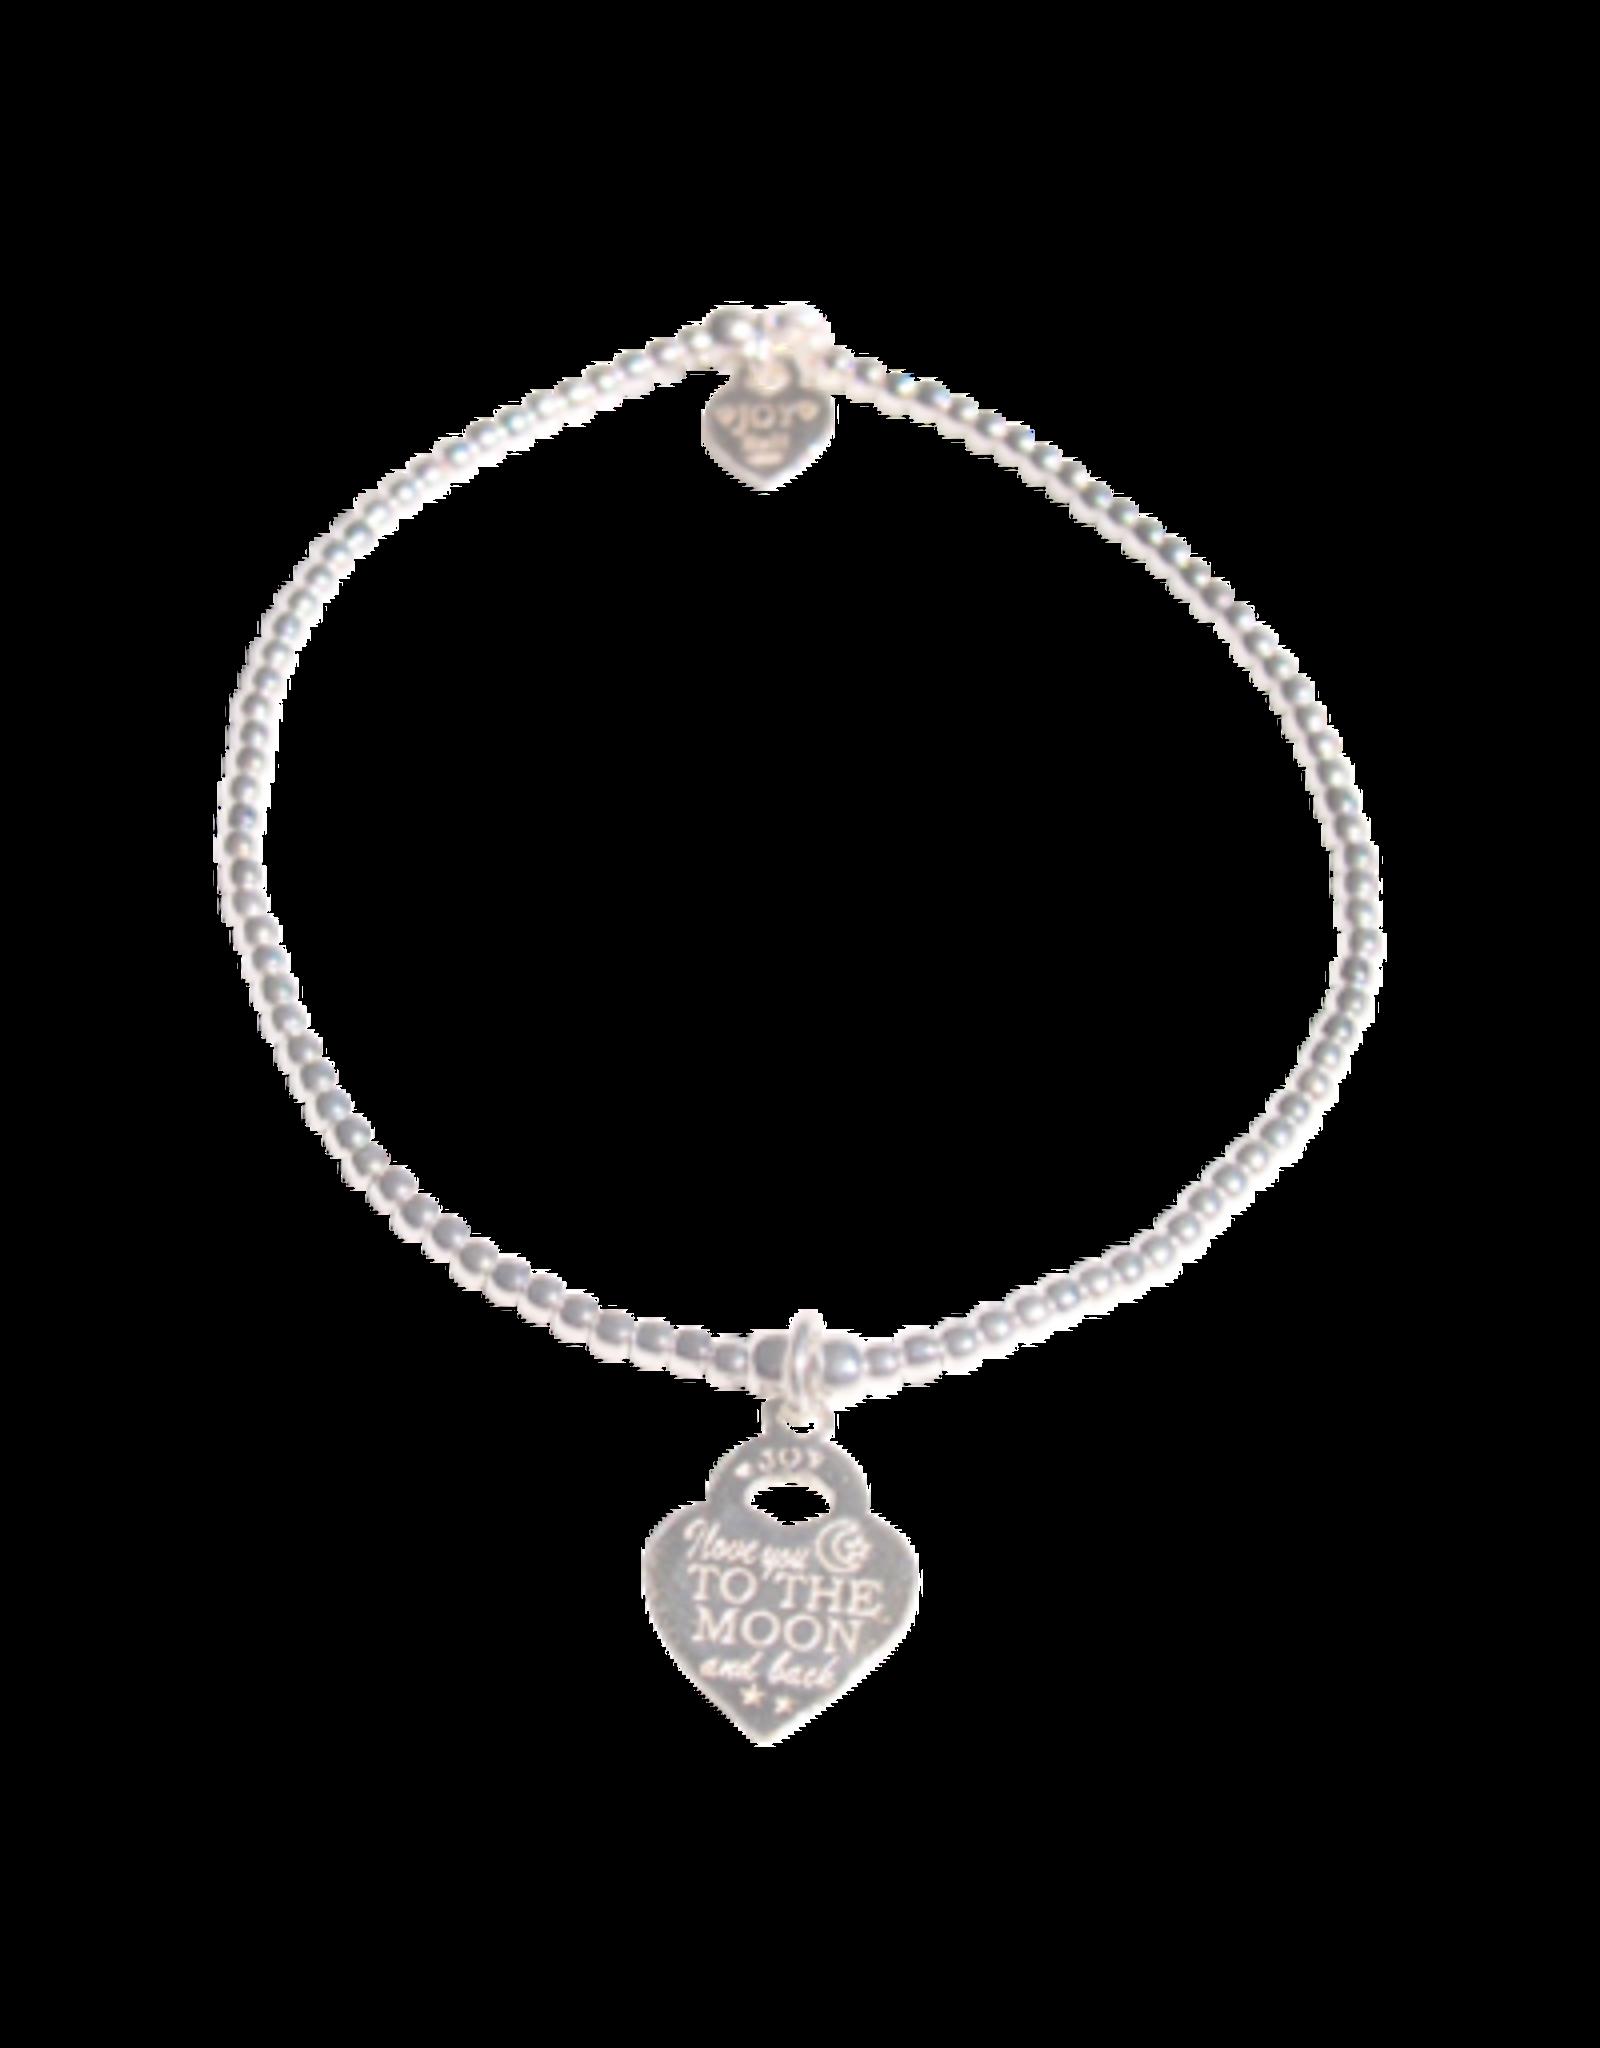 Joy Bali JOY Tiny Wish armband - To the Moon